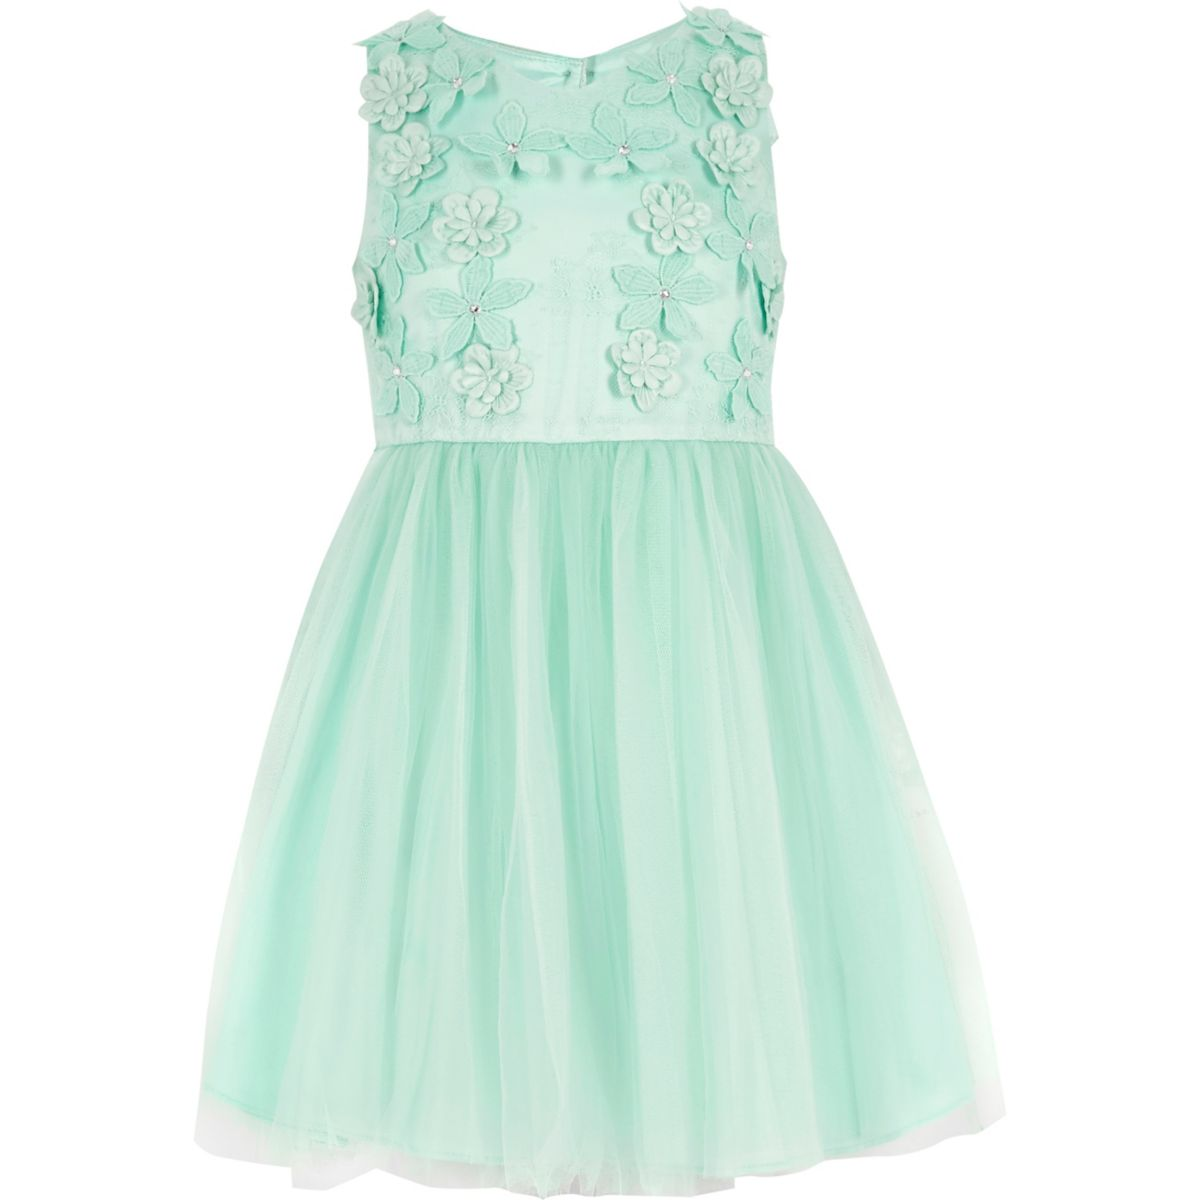 Robe de bal à fleurs ornée verte pour fille